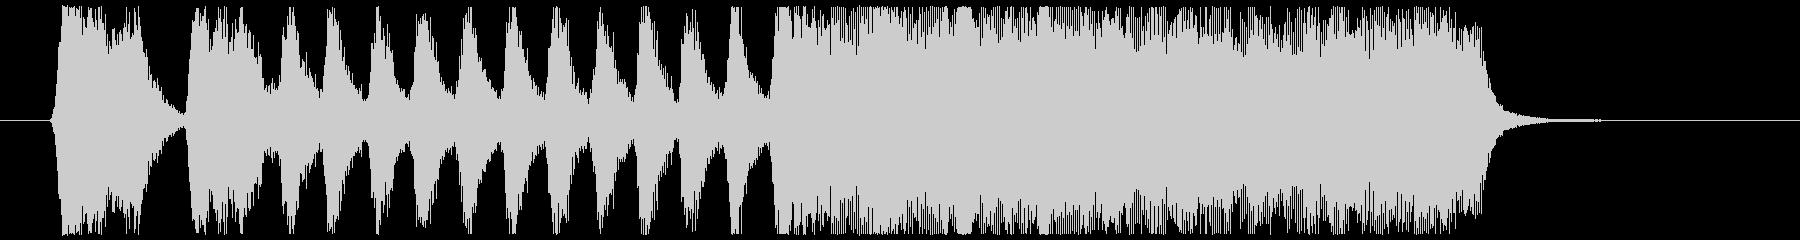 金管4重奏によるシンプルなファンファーレの未再生の波形